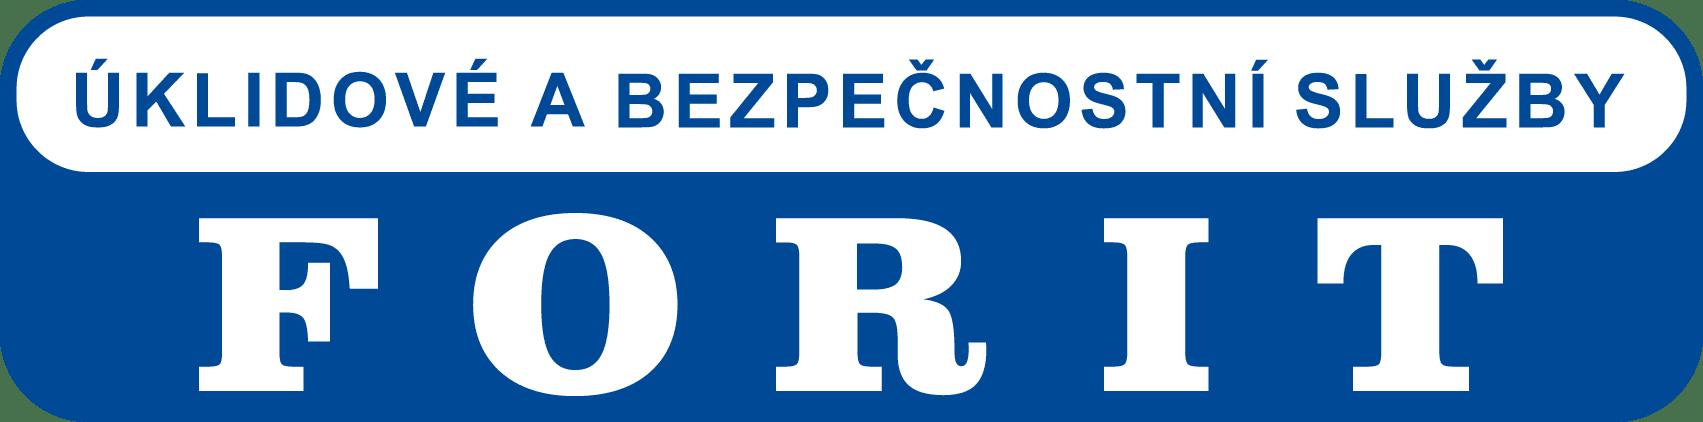 logo firmy ÚKLIDOVÉ A BEZPEČNOSTNÍ SLUŽBY FORIT